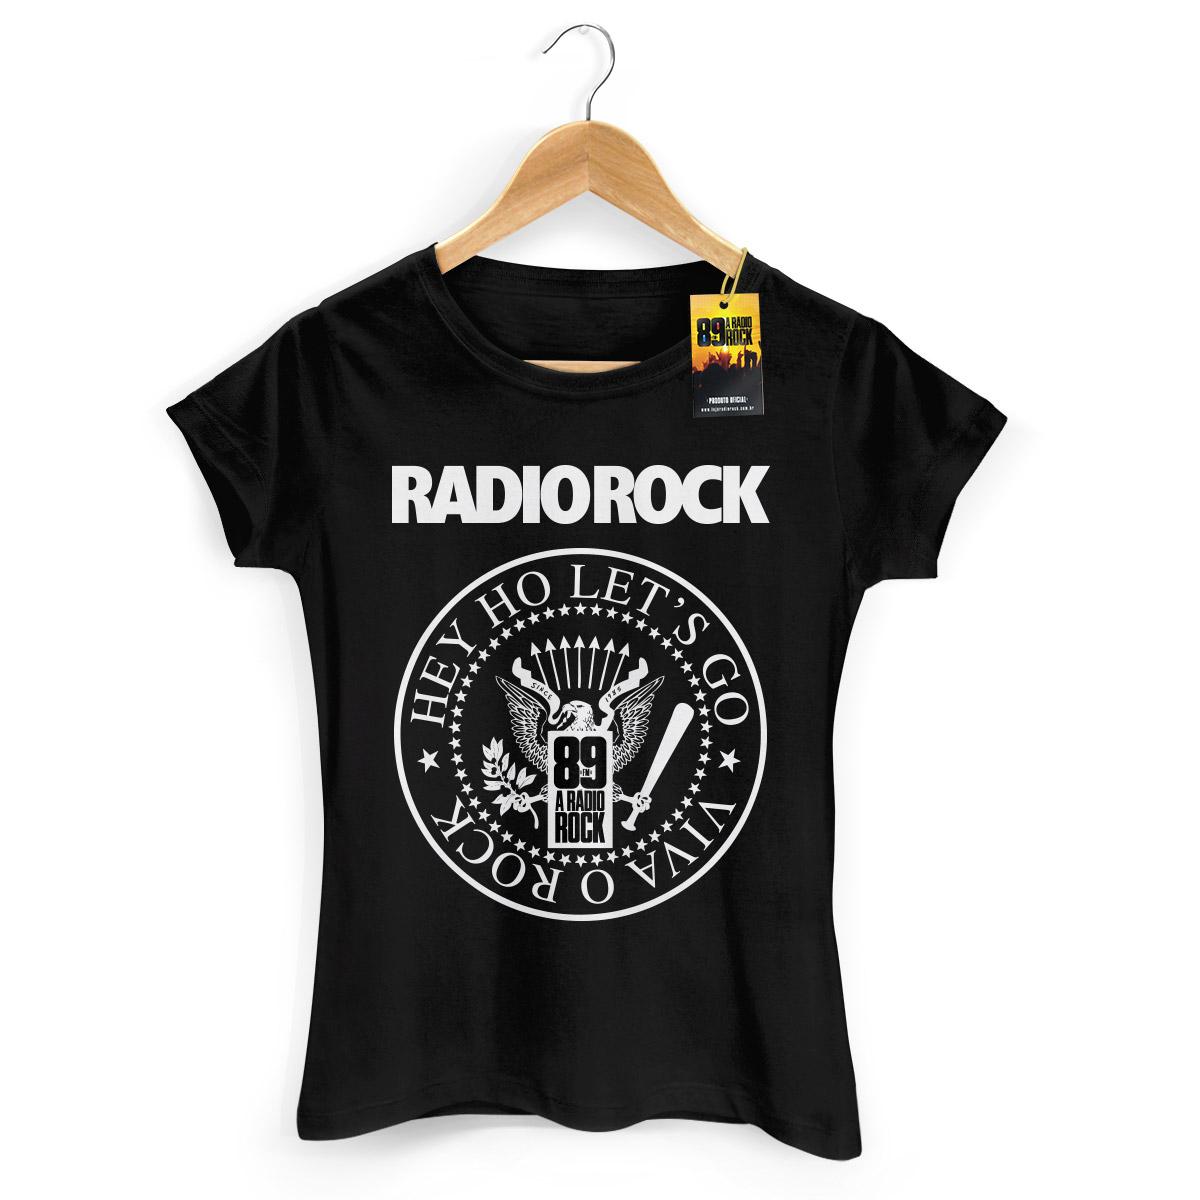 Camiseta Feminina 89FM A Rádio Rock Hey Ho Viva o Rock!